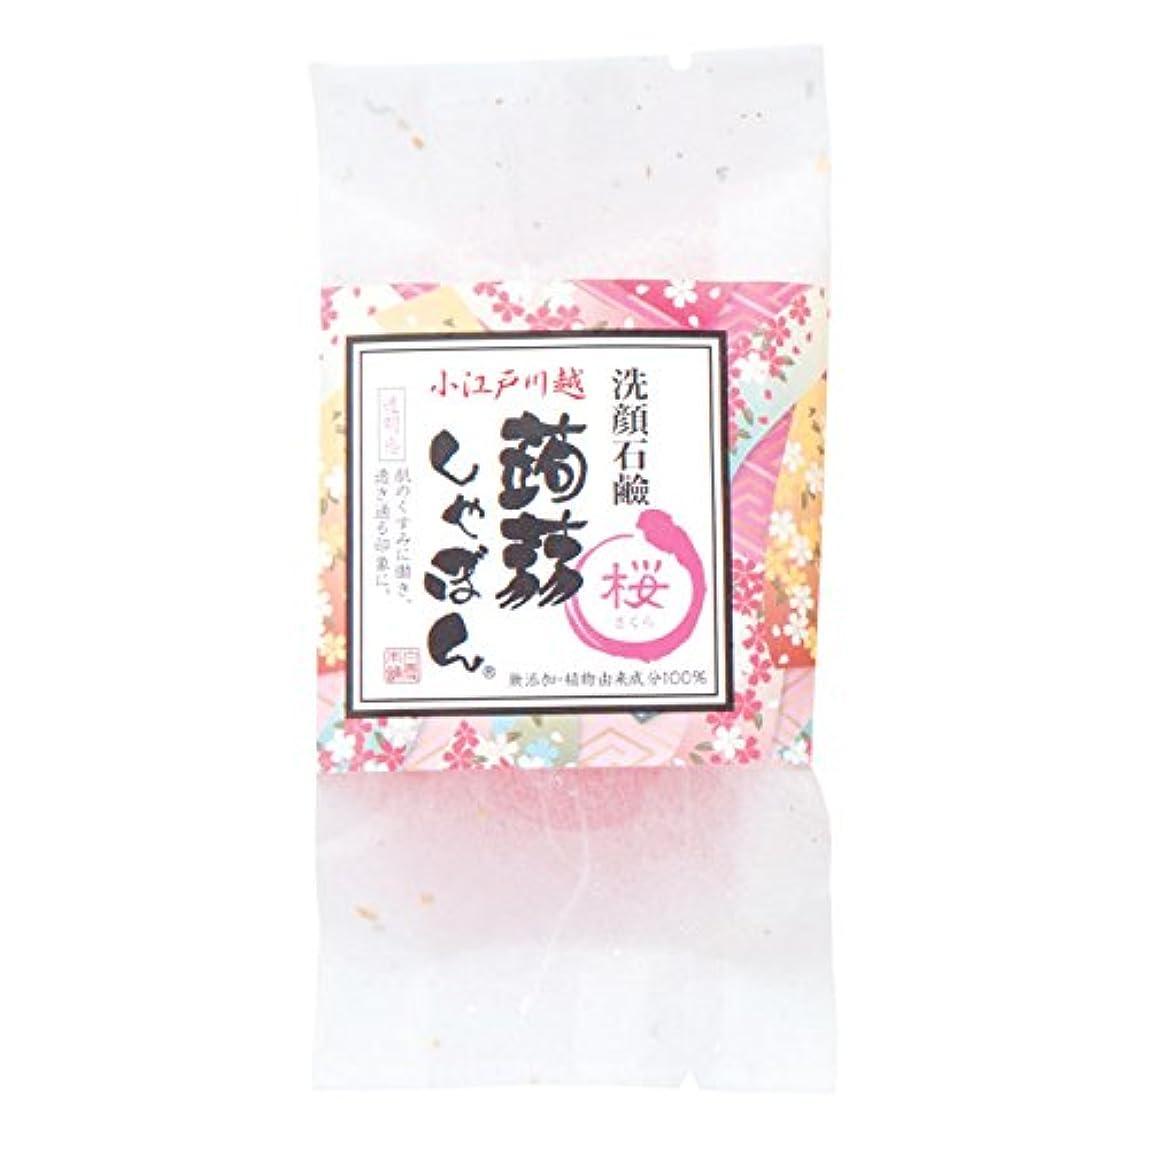 麻酔薬アイザック敬礼川越蒟蒻しゃぼん 桜(さくら)